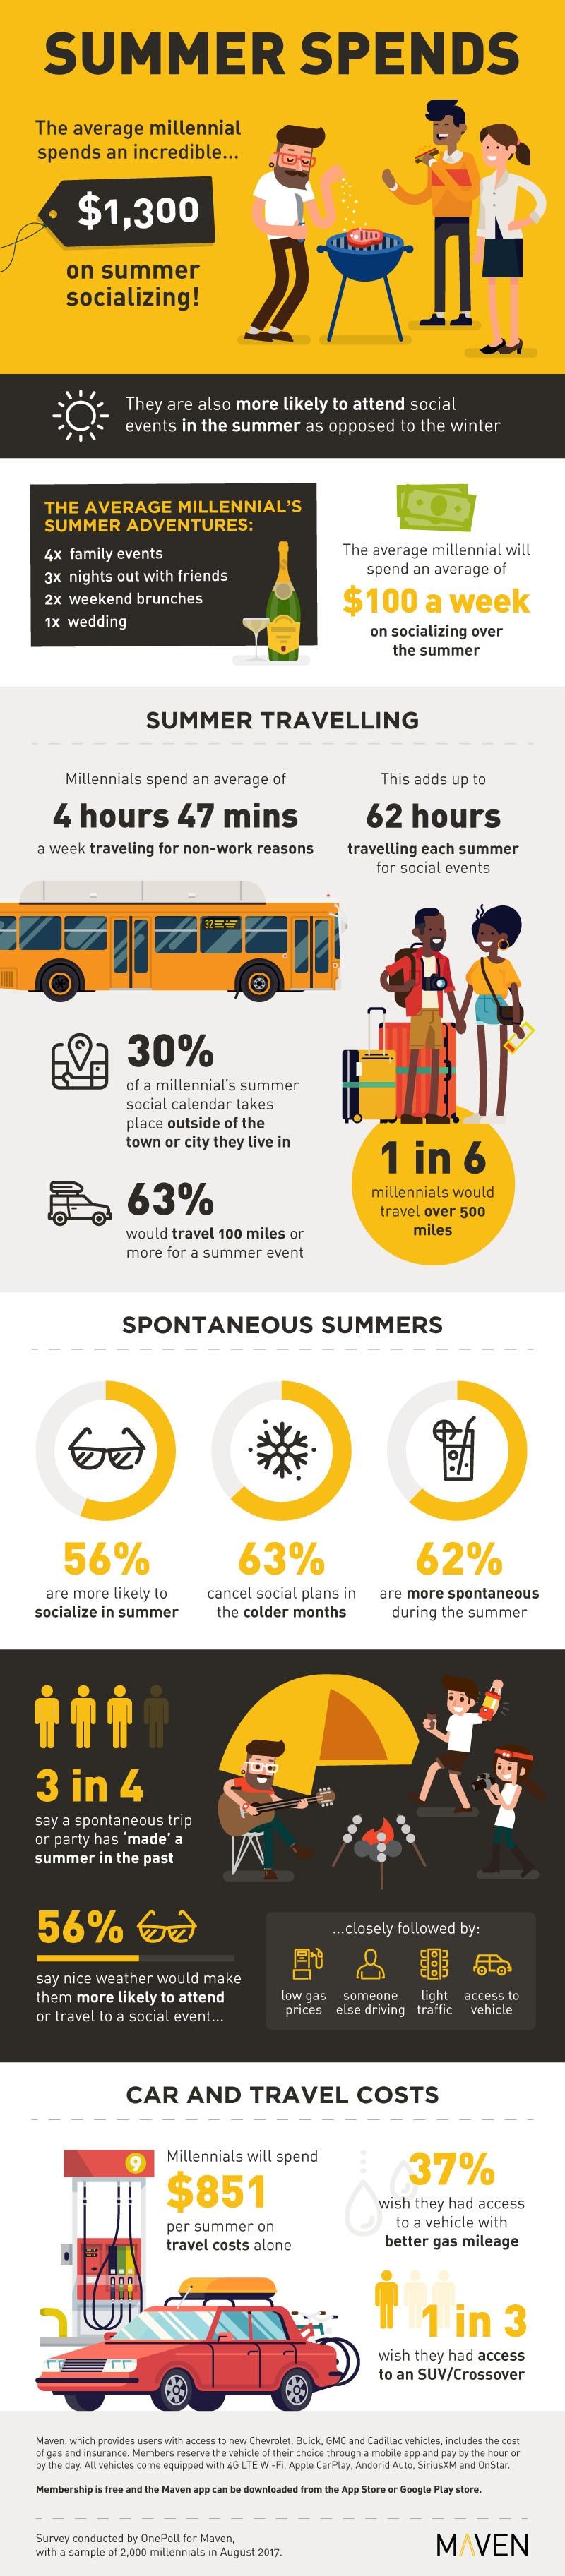 Maven millennial infographic